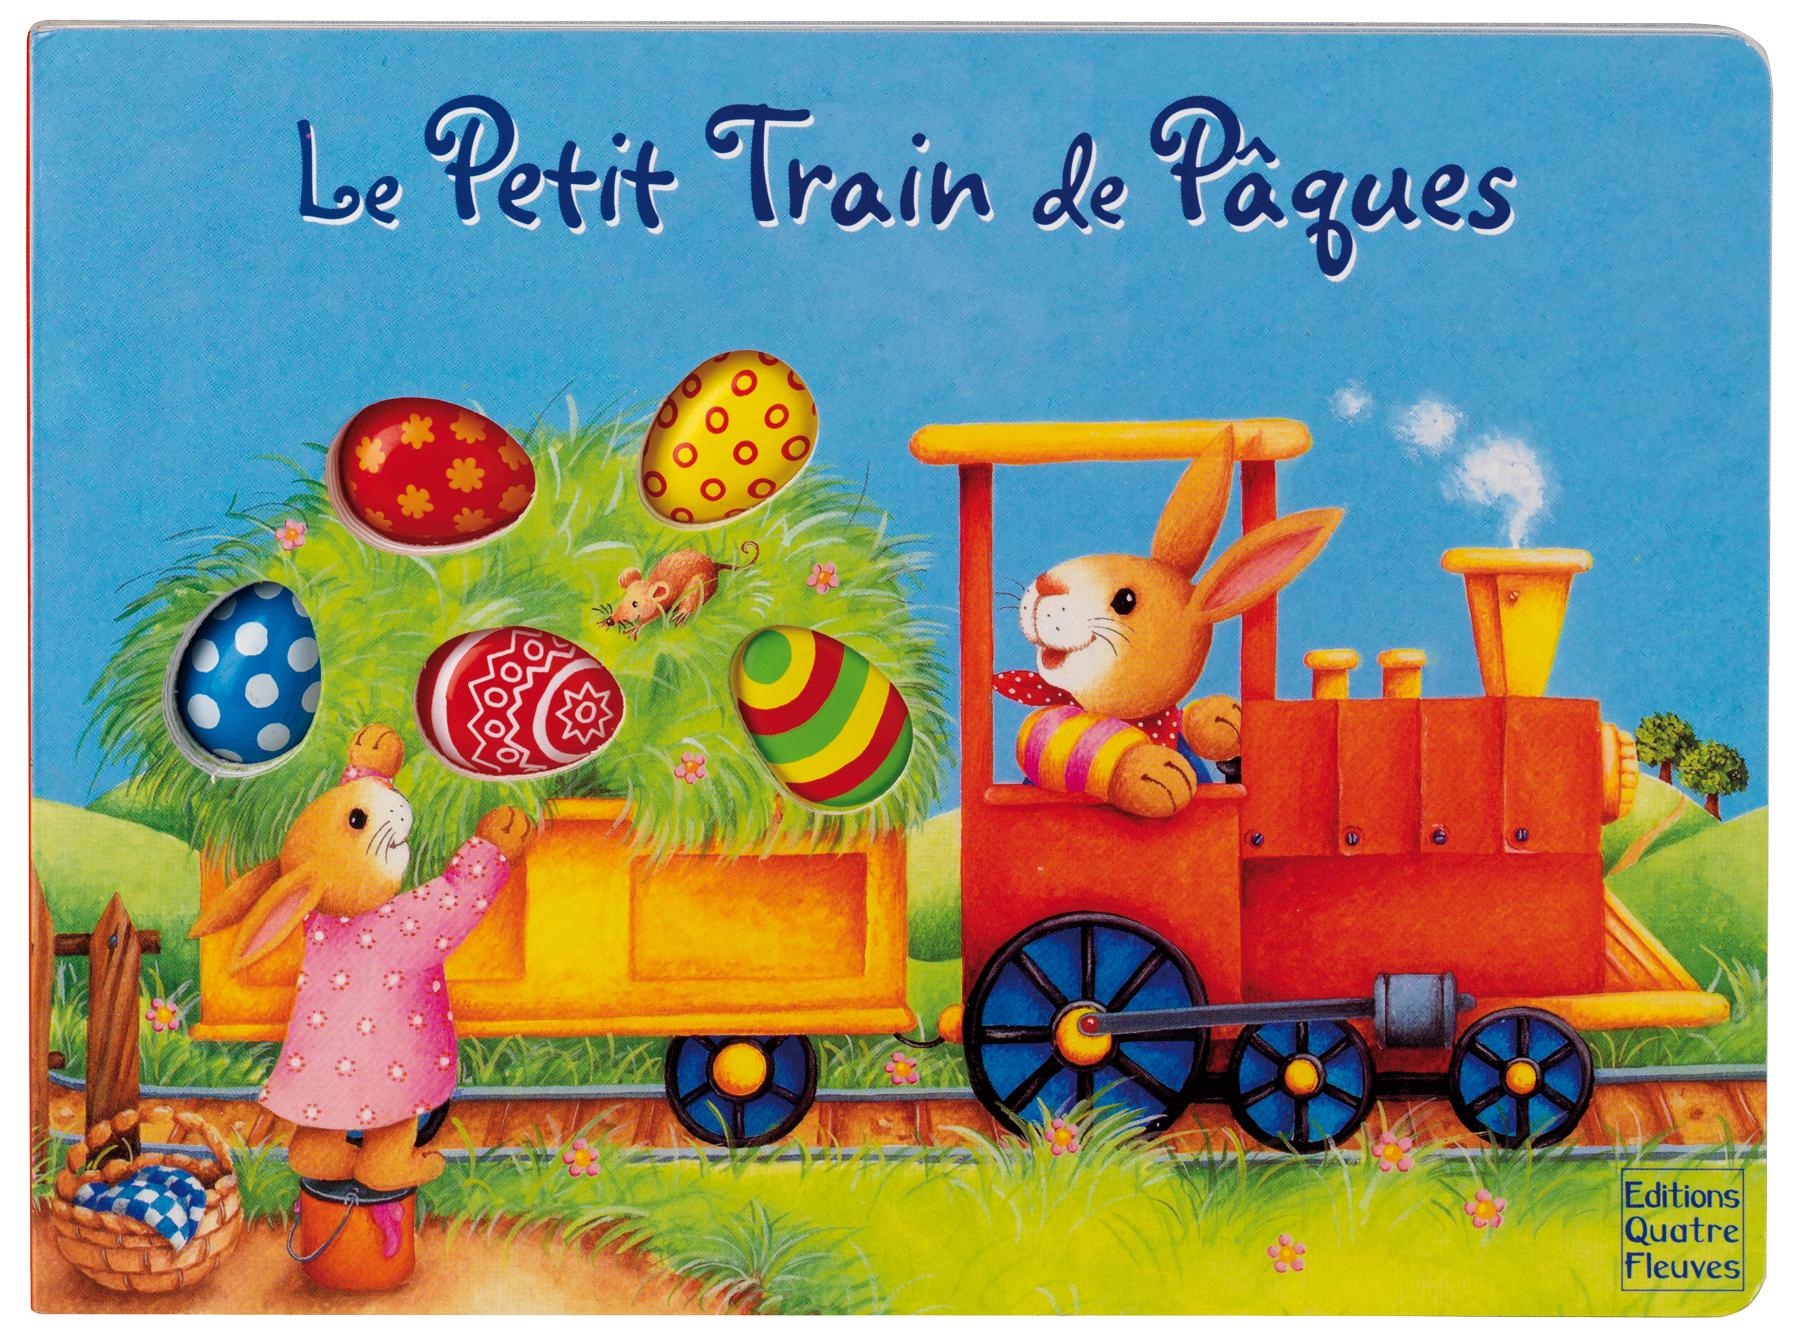 LE PETIT TRAIN DE PAQUES